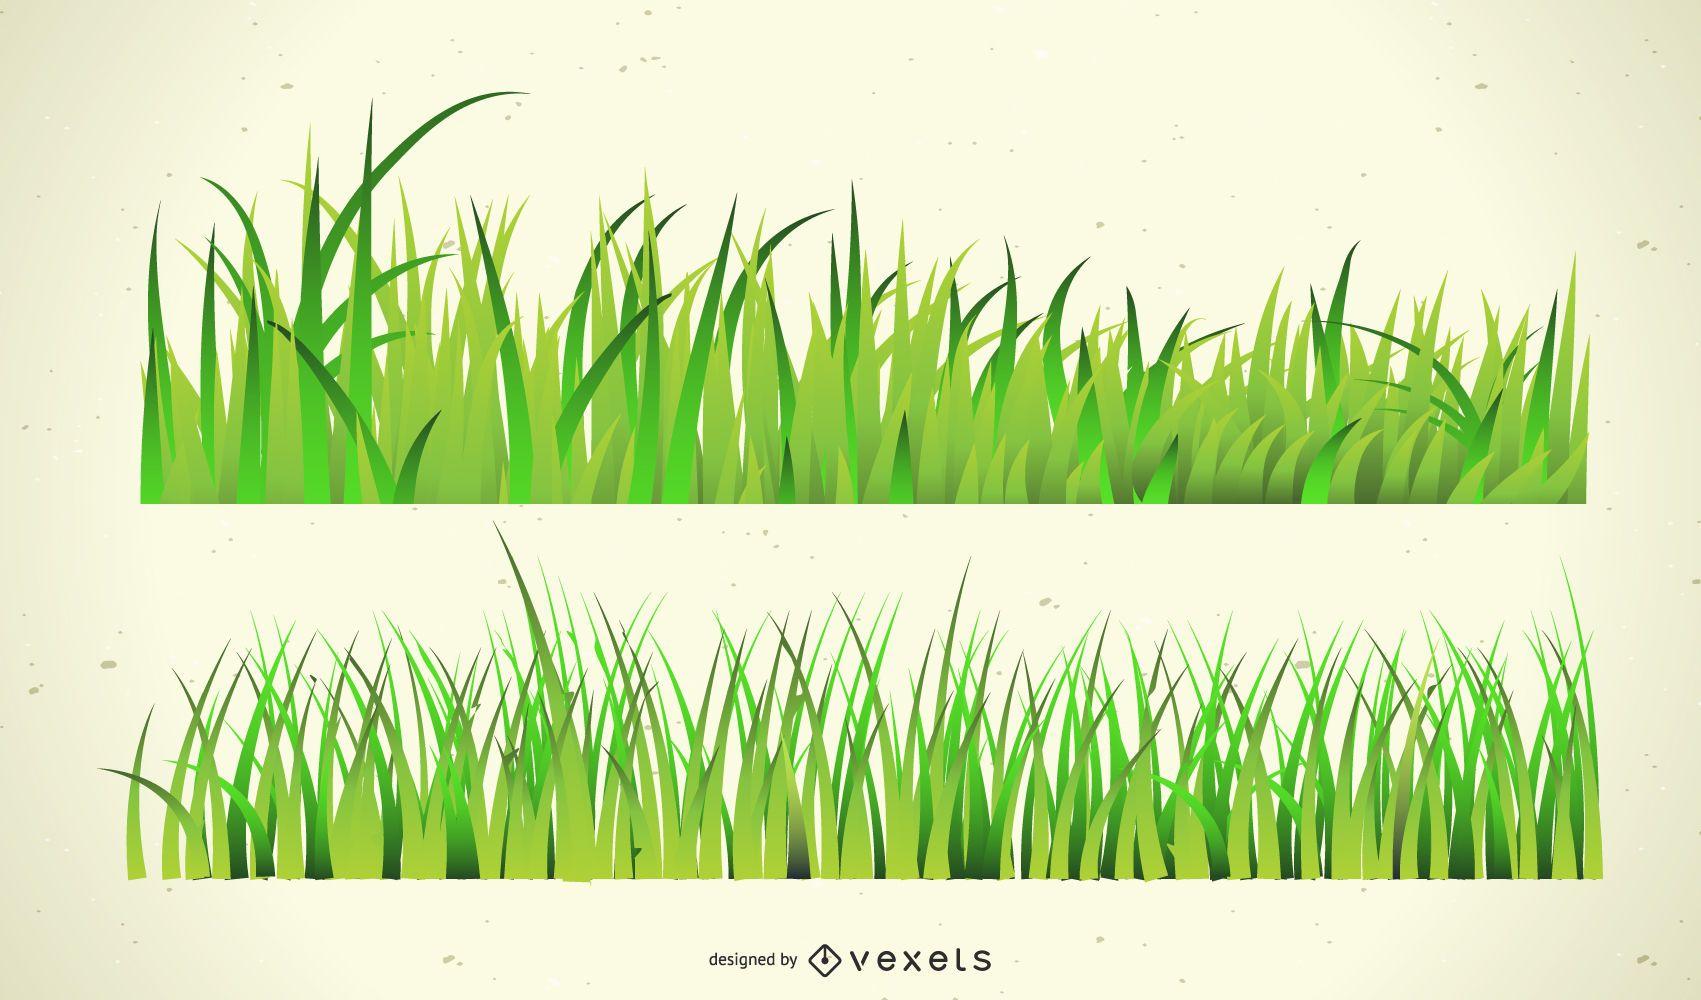 Diseño de hierba verde